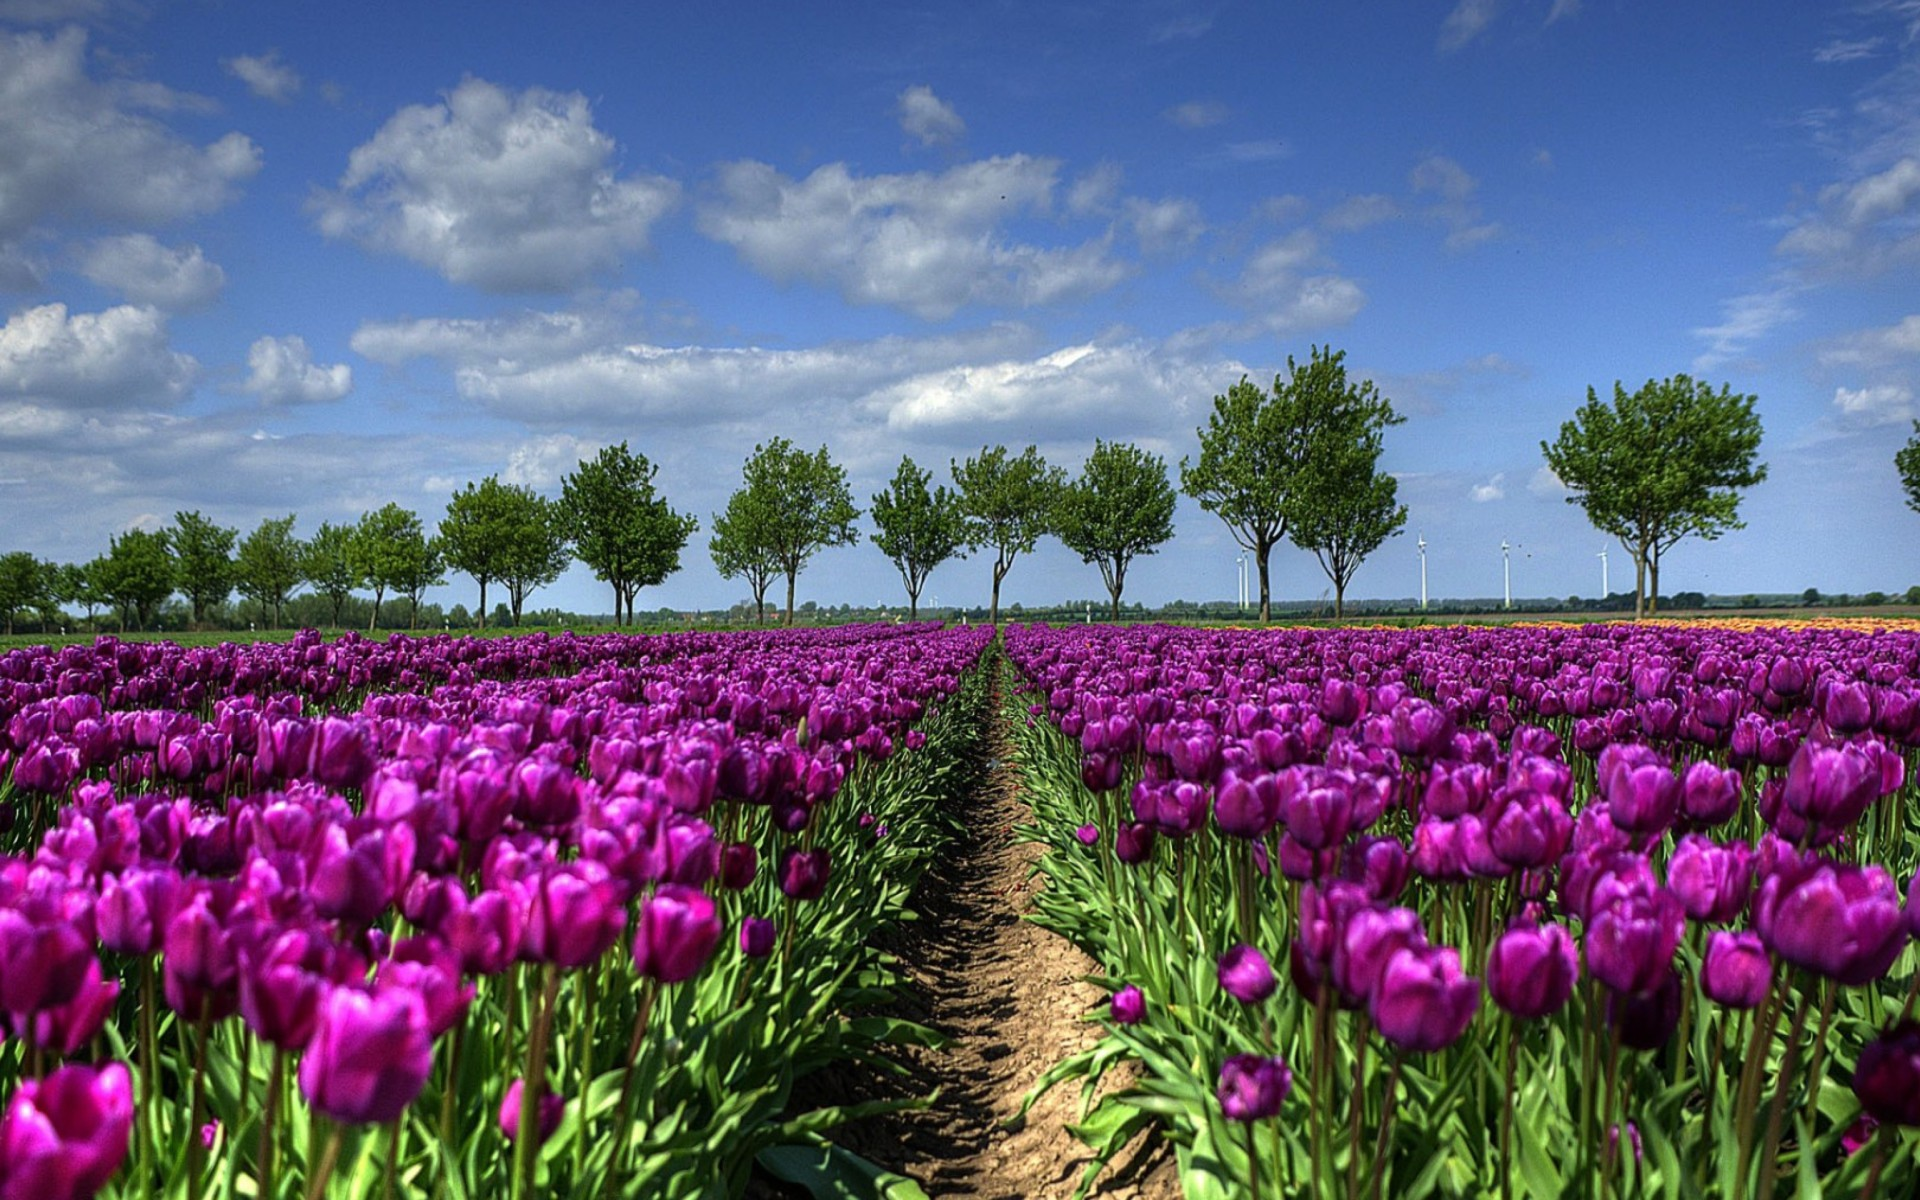 Sfondi primavera hd 71 immagini for Sfondi desktop hd paesaggi